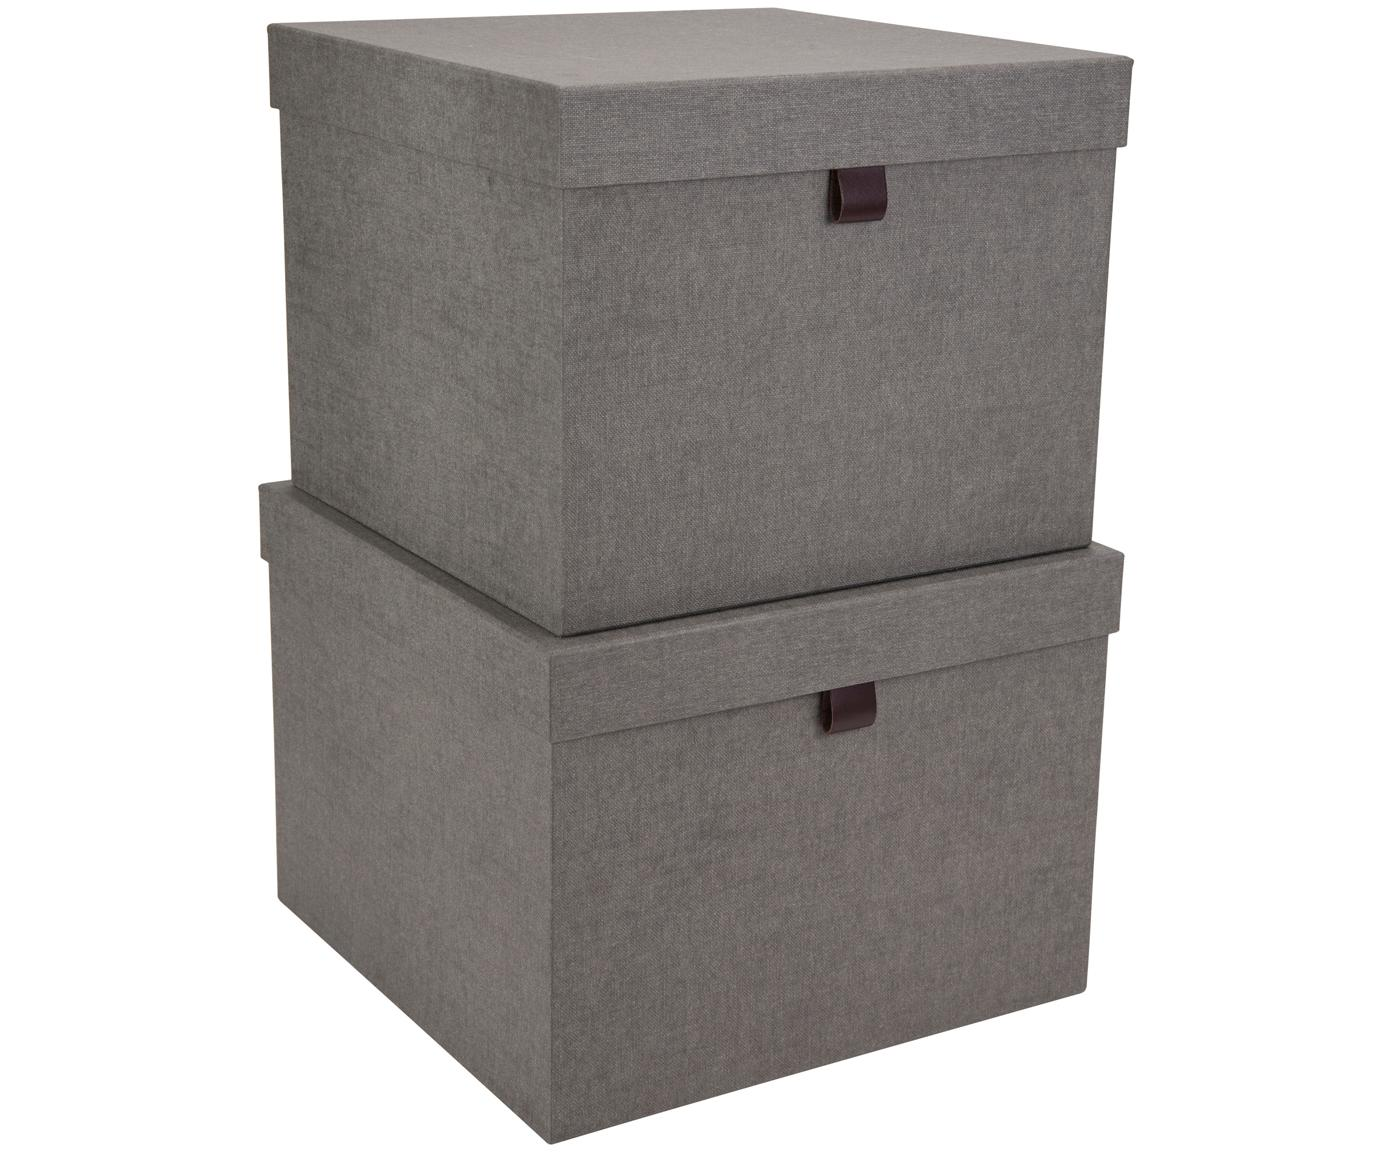 Komplet pudełek do przechowywania Tristan, 2 elem., Szary, Różne rozmiary